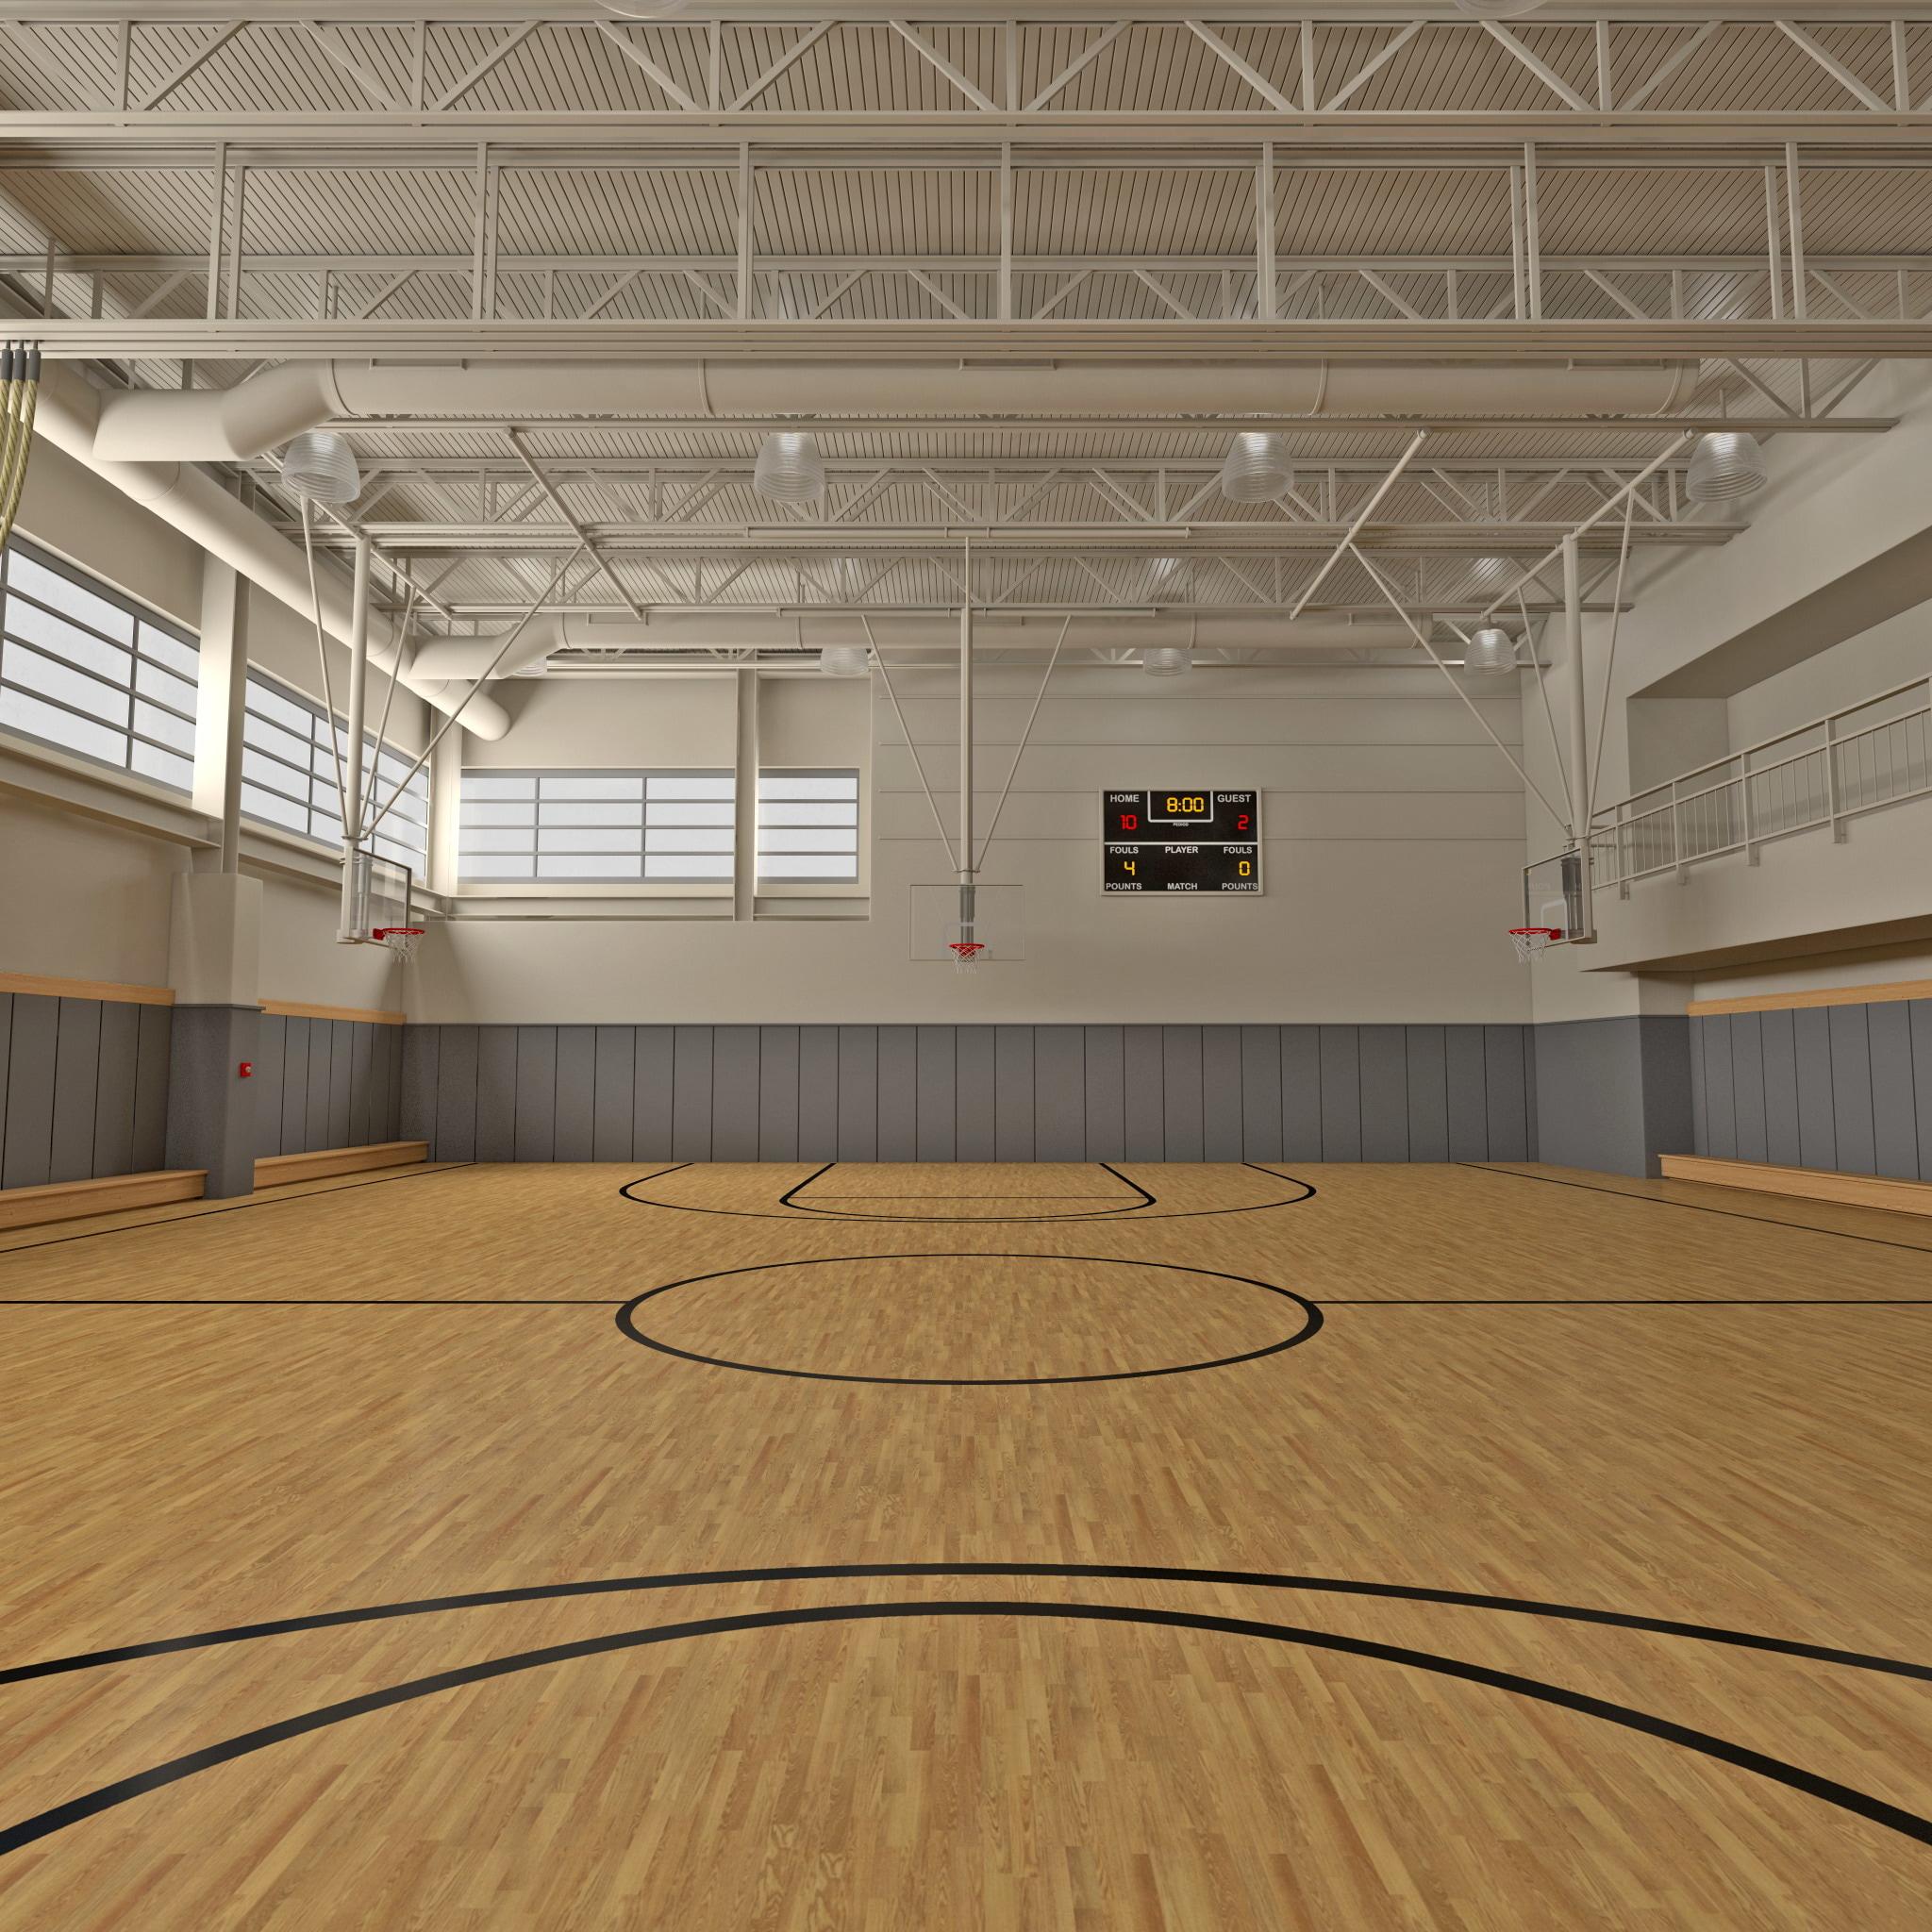 basketball gym max